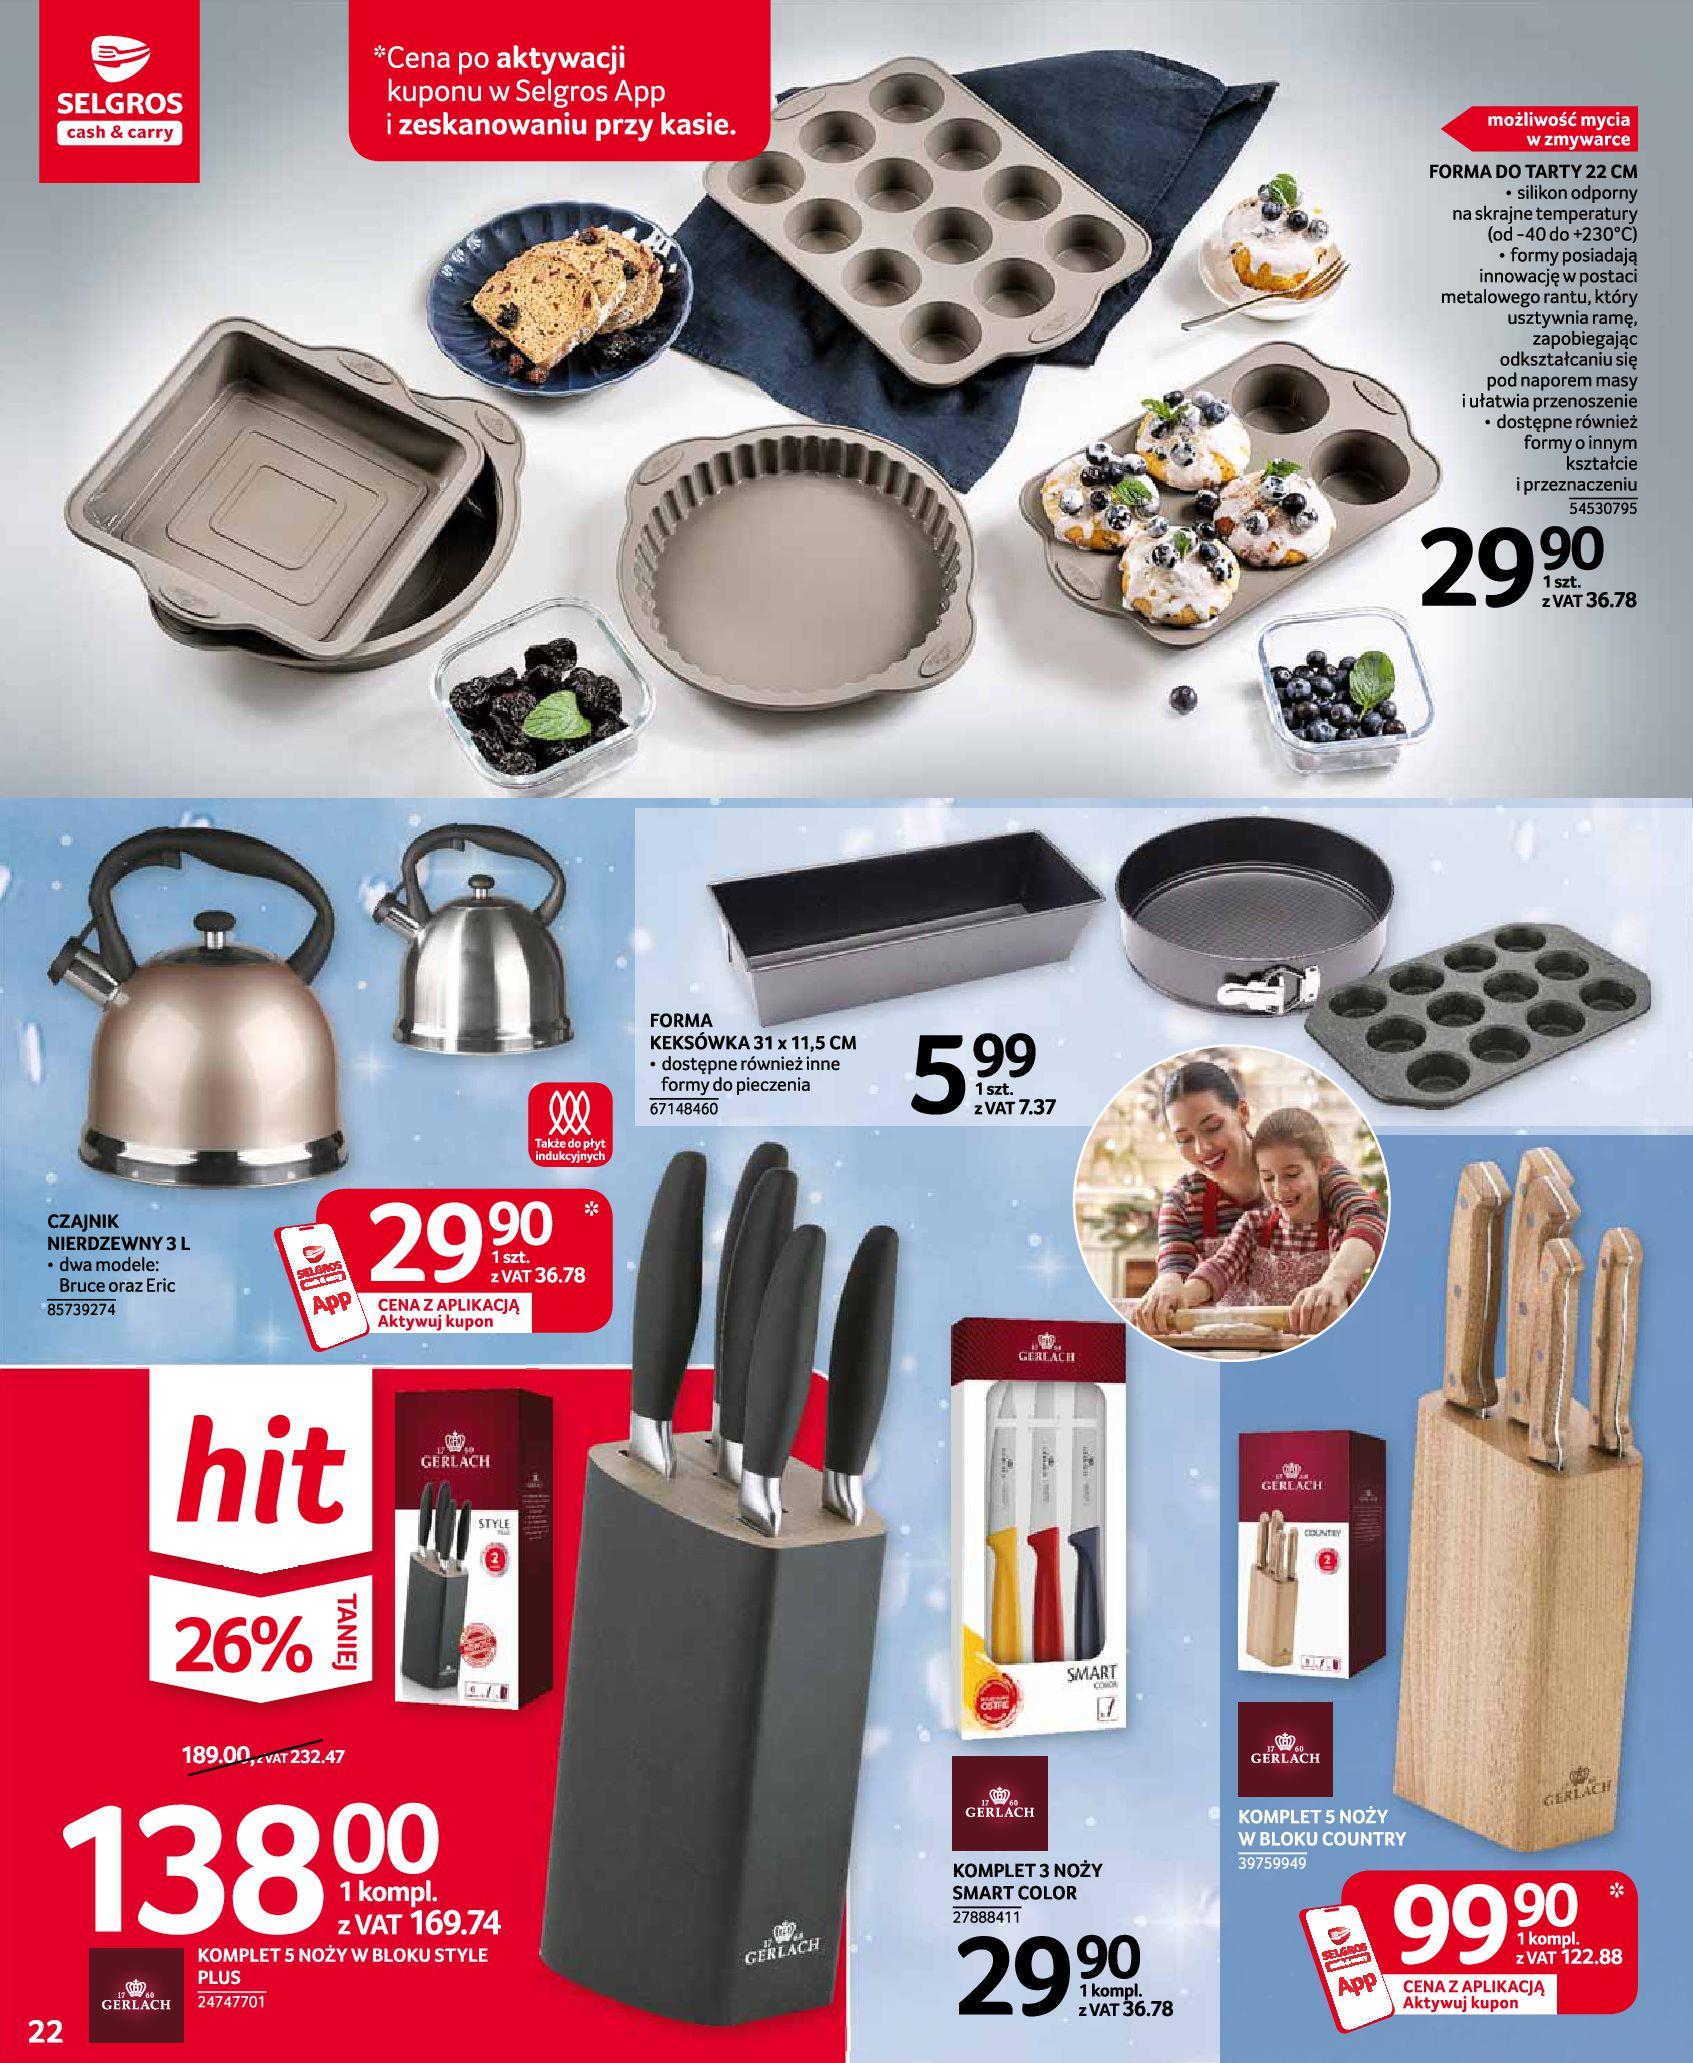 Gazetka Selgros: Oferta przemysłowa 2020-11-19 page-22